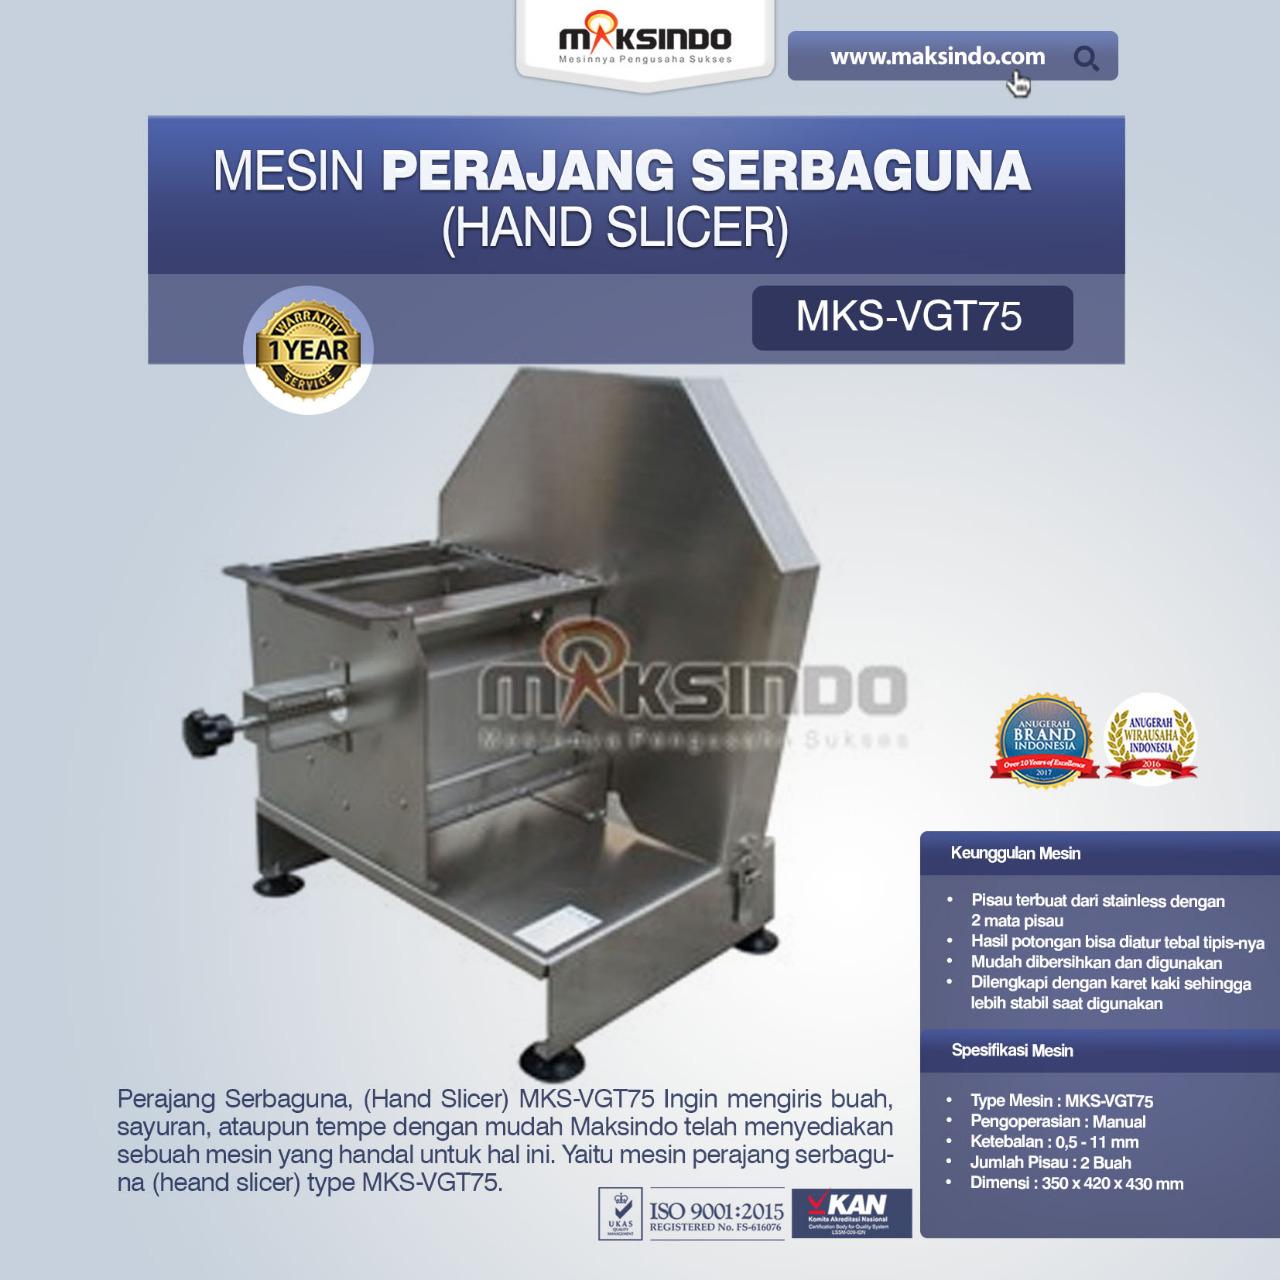 Jual Perajang Serbaguna (Hand Slicer) MKS-VGT75 Di Palembang